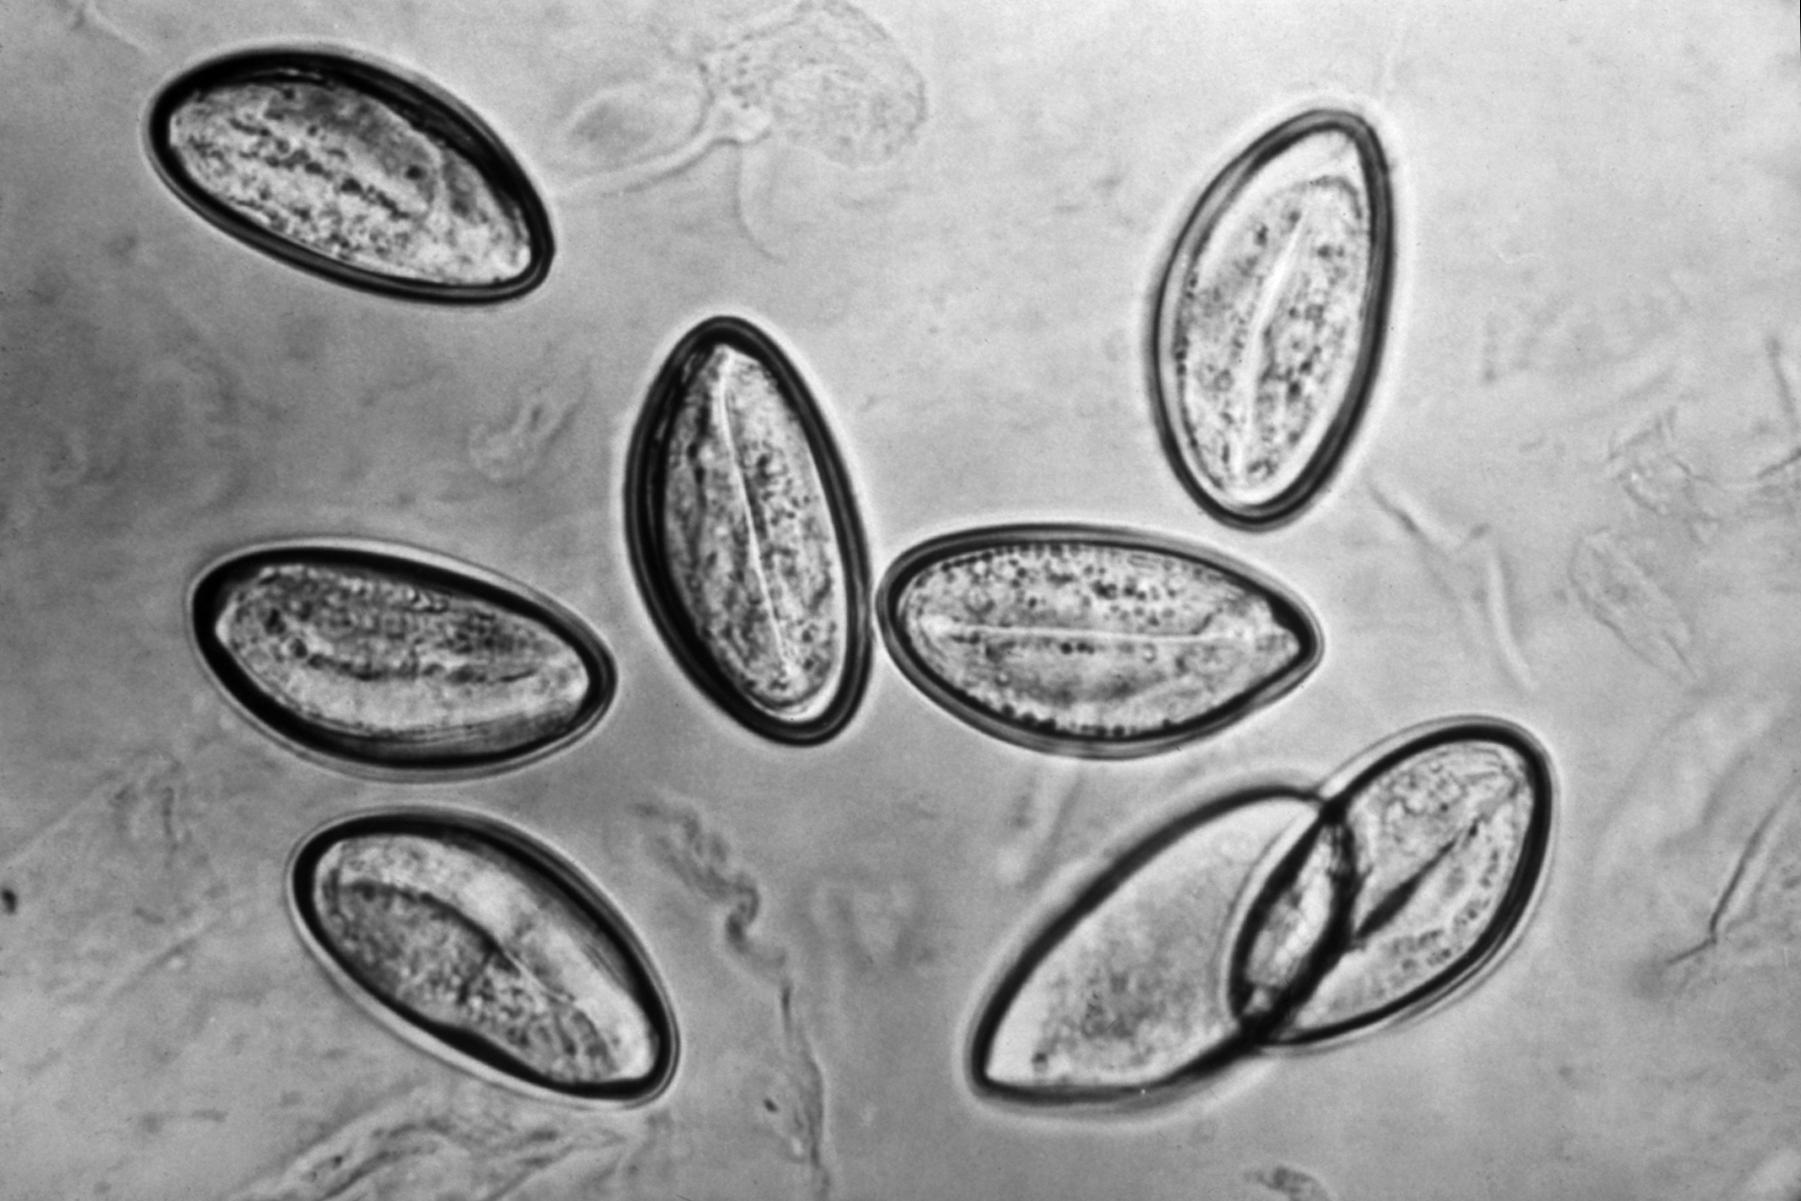 enterobius vermicularis larvae papiloma humano caracteristicas de la enfermedad